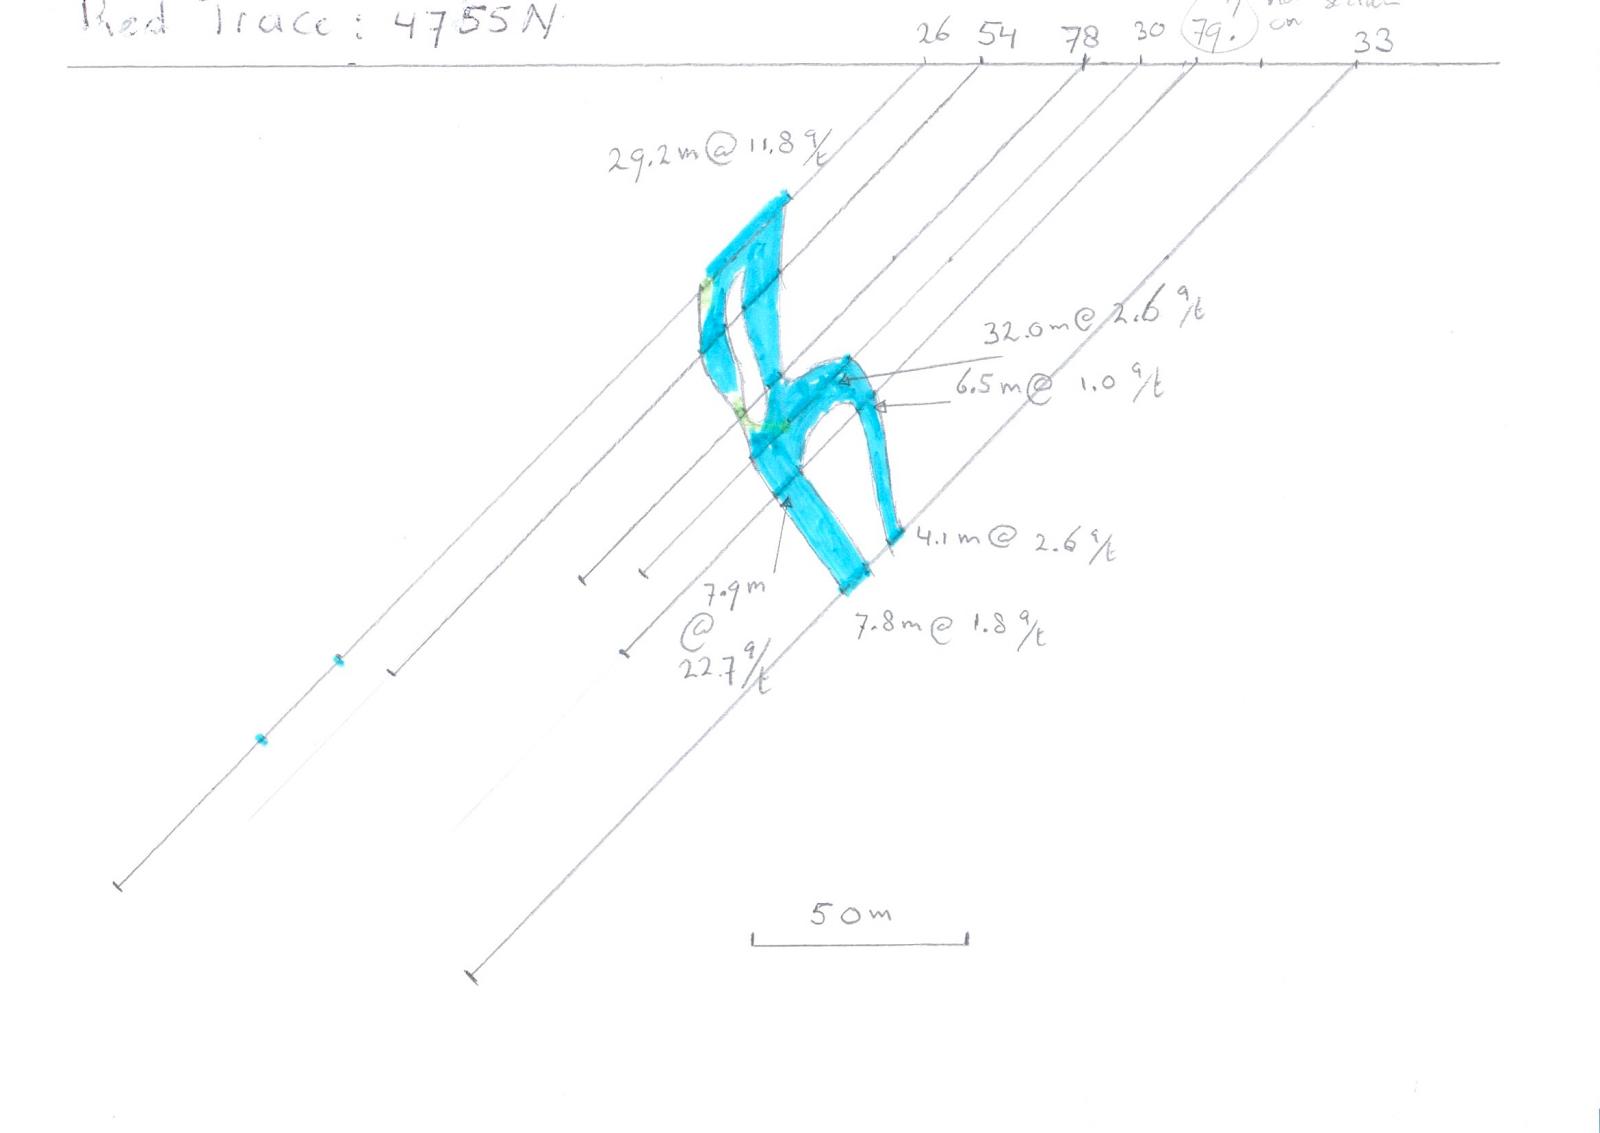 Figure 6: Keats Zone Cross Section – 4755 N